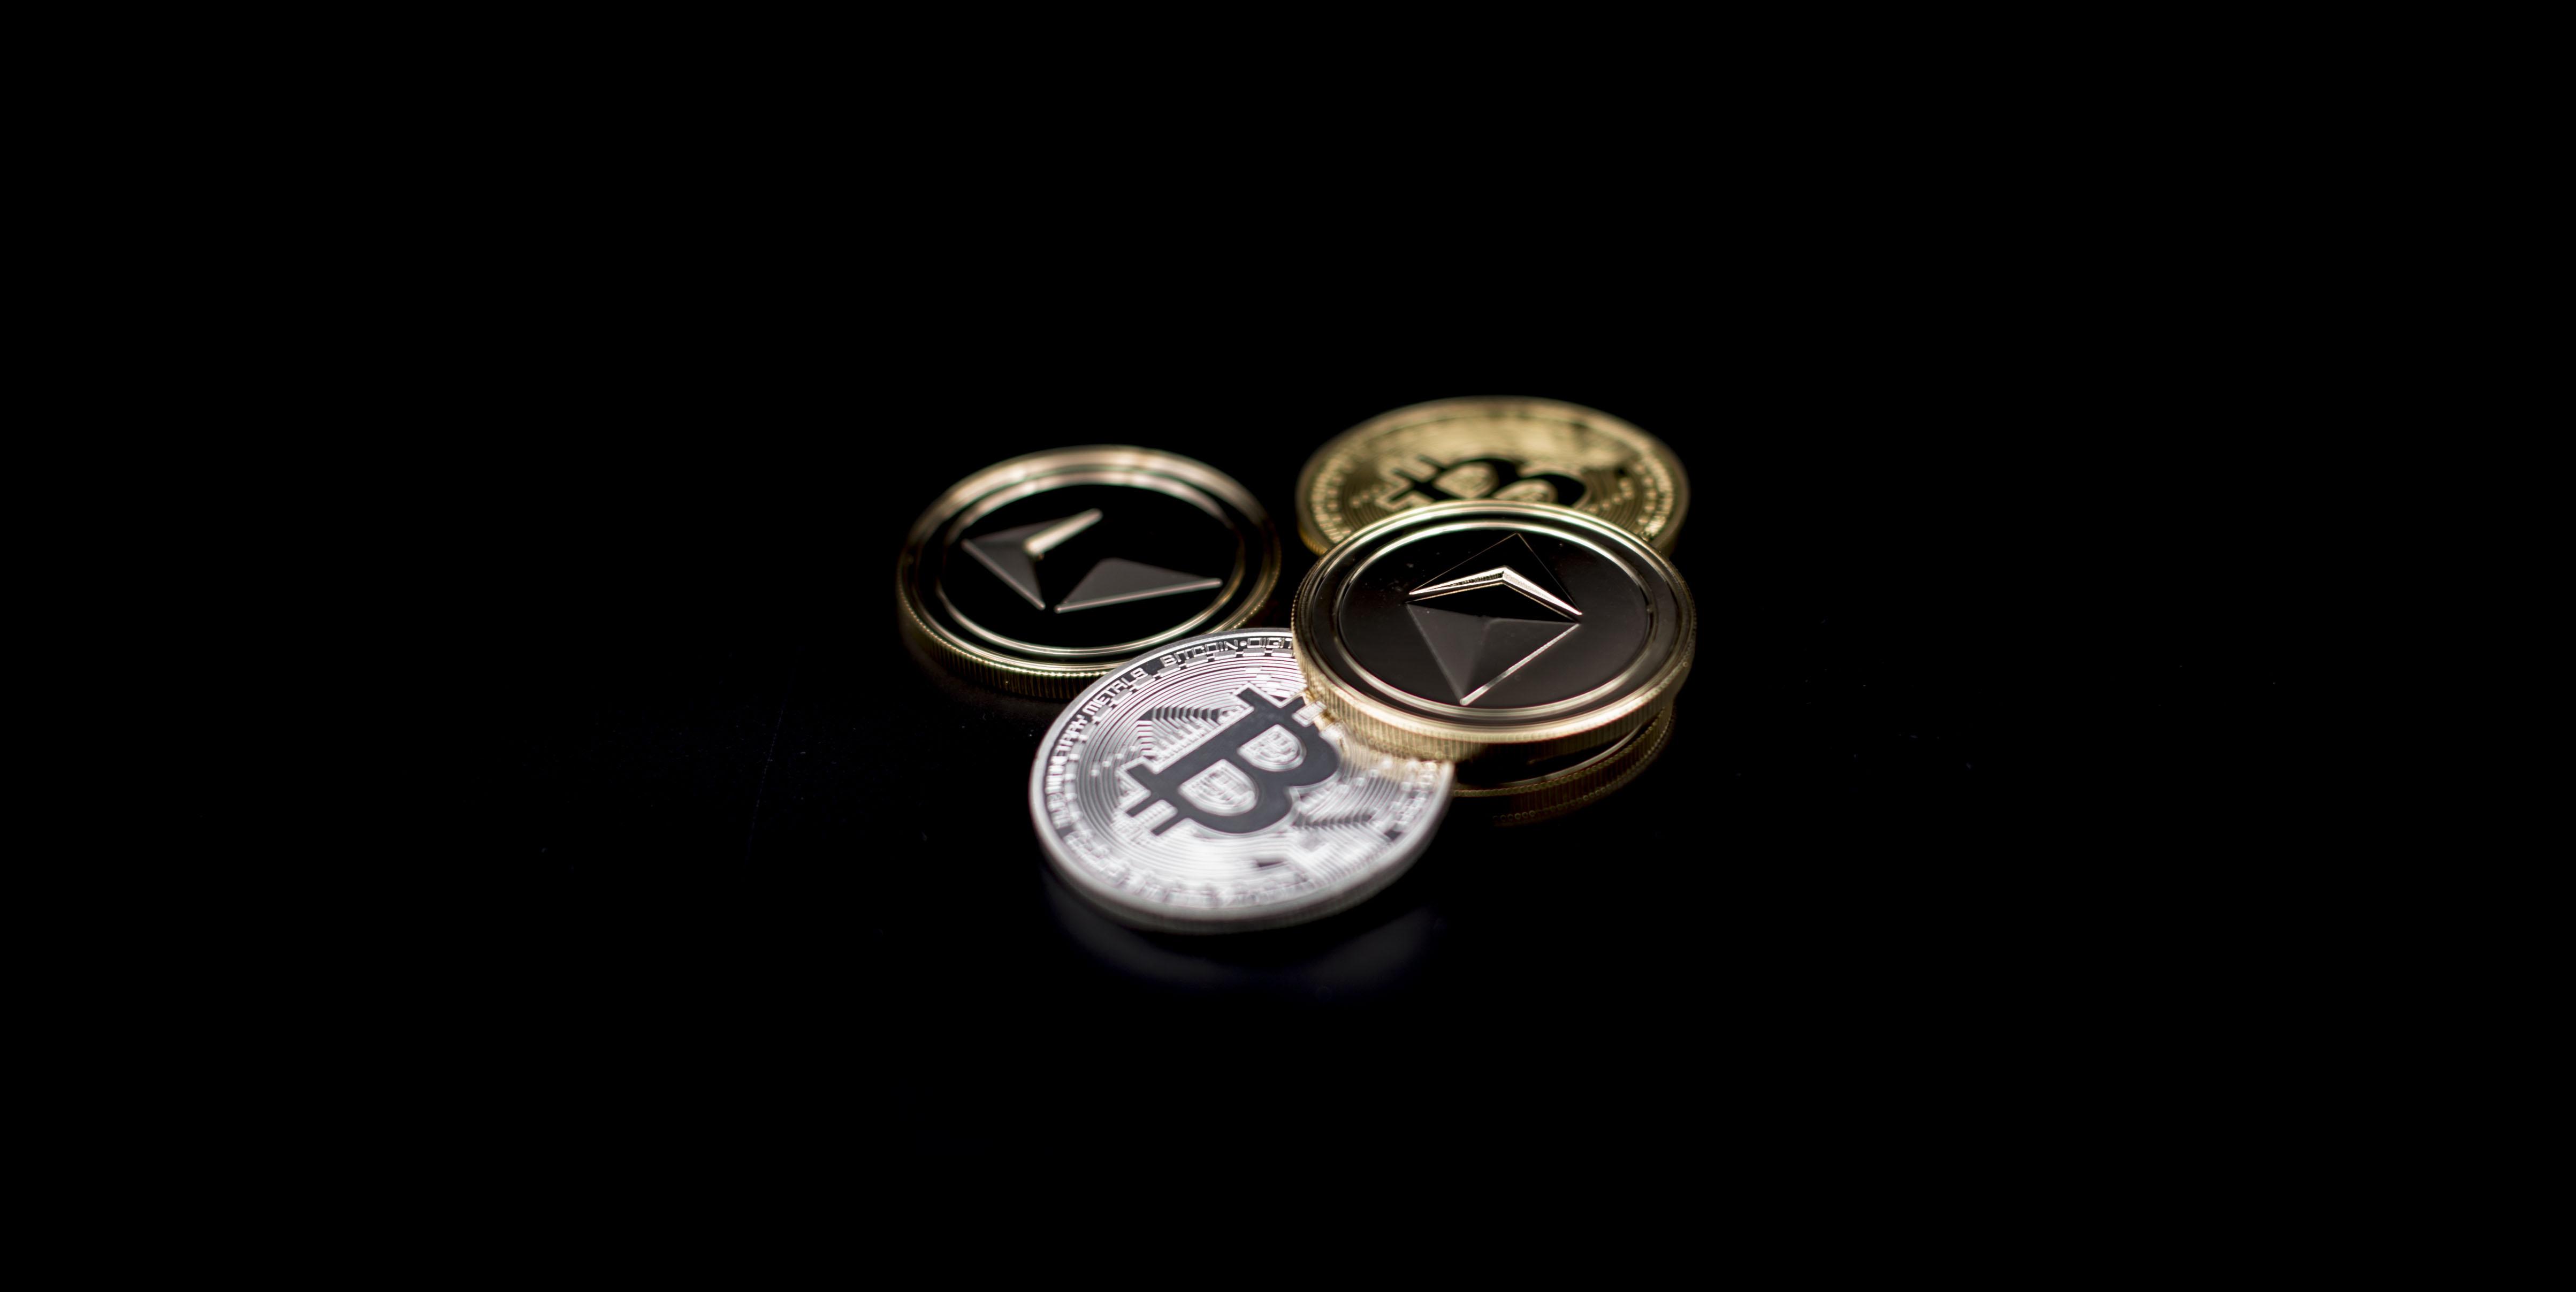 A view of Litecoin (LTC) token and Bitcoin Coin (BTC).